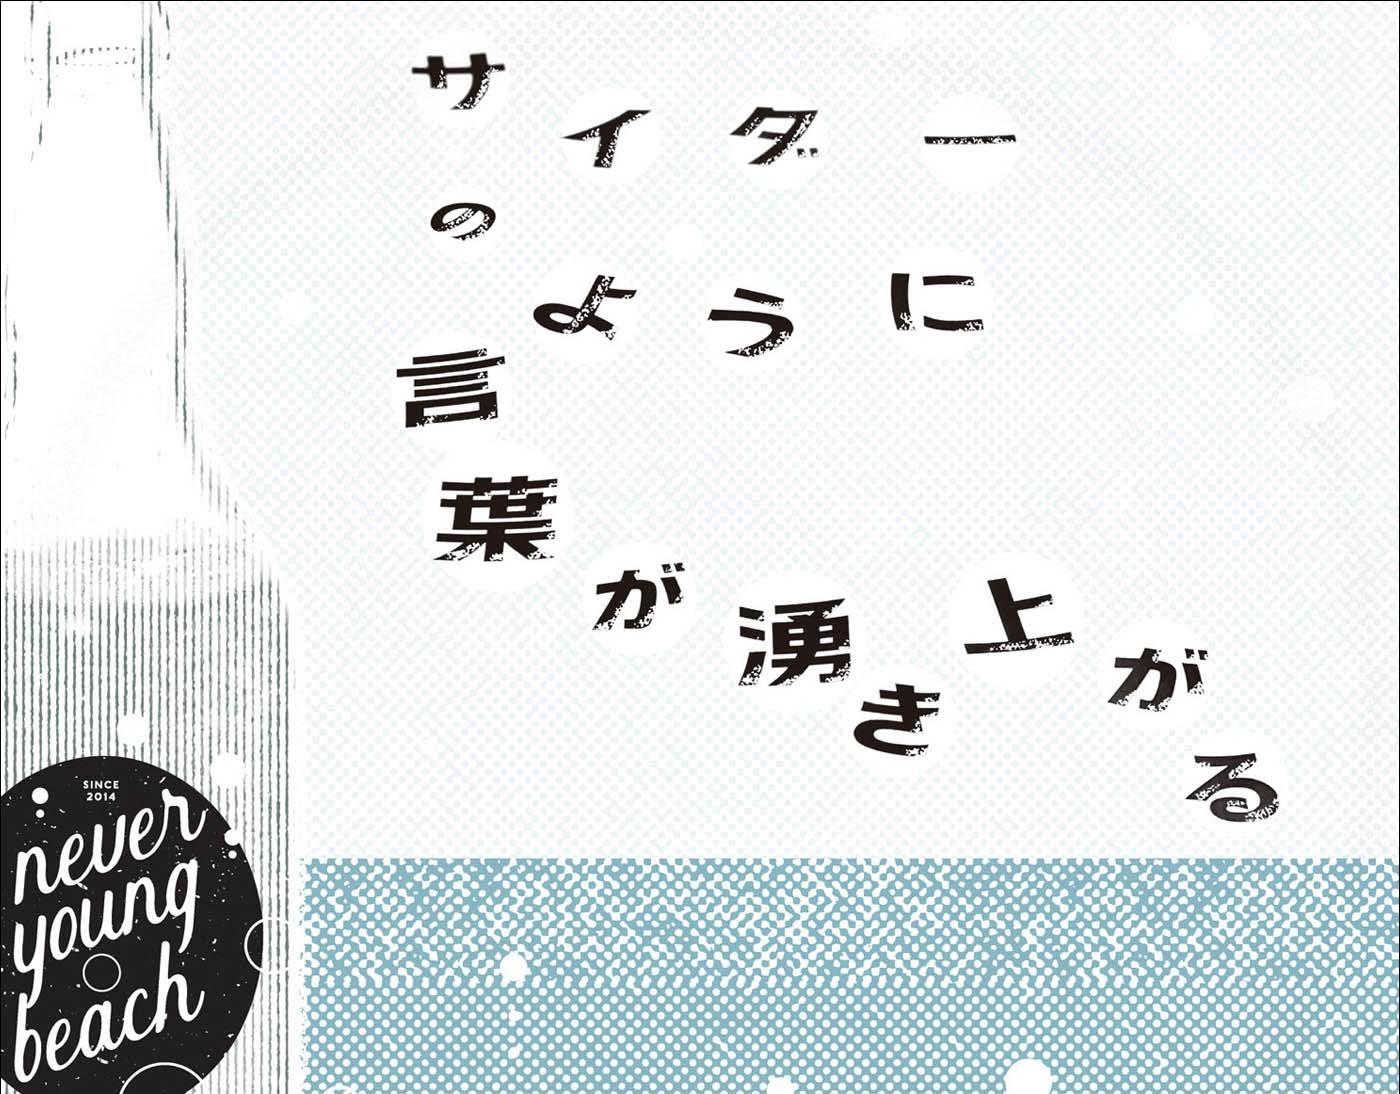 never young beach 為動畫電 影譜寫同名新曲 《 言語如汽水般湧現 》清涼爽快上架!